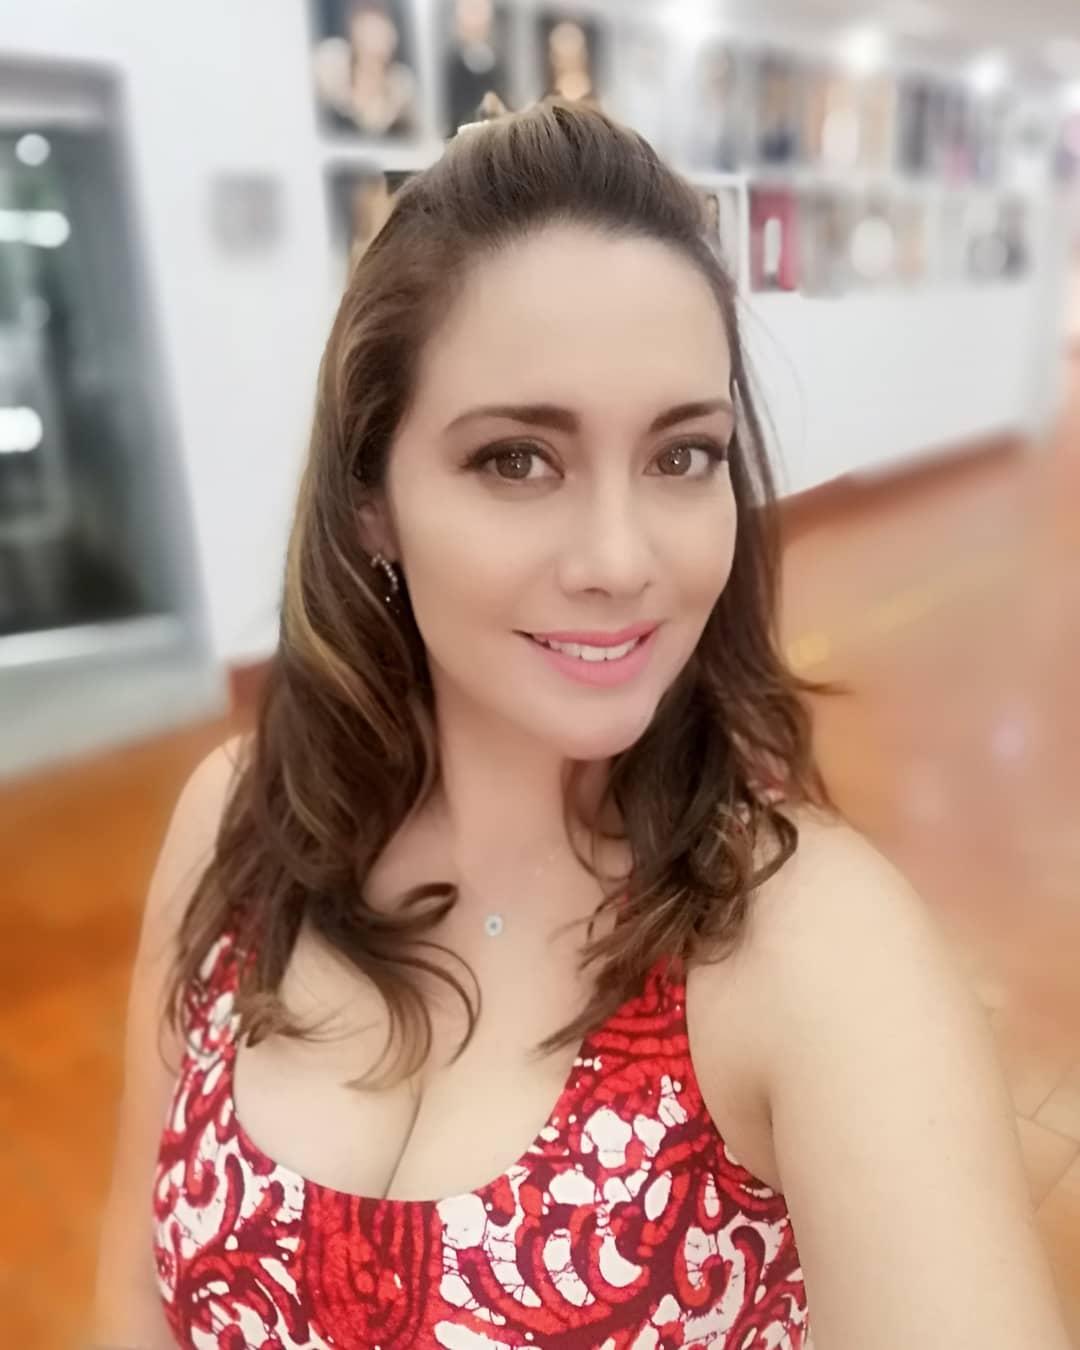 Sugey Abrego vende juguetes sexuales por crisis económica